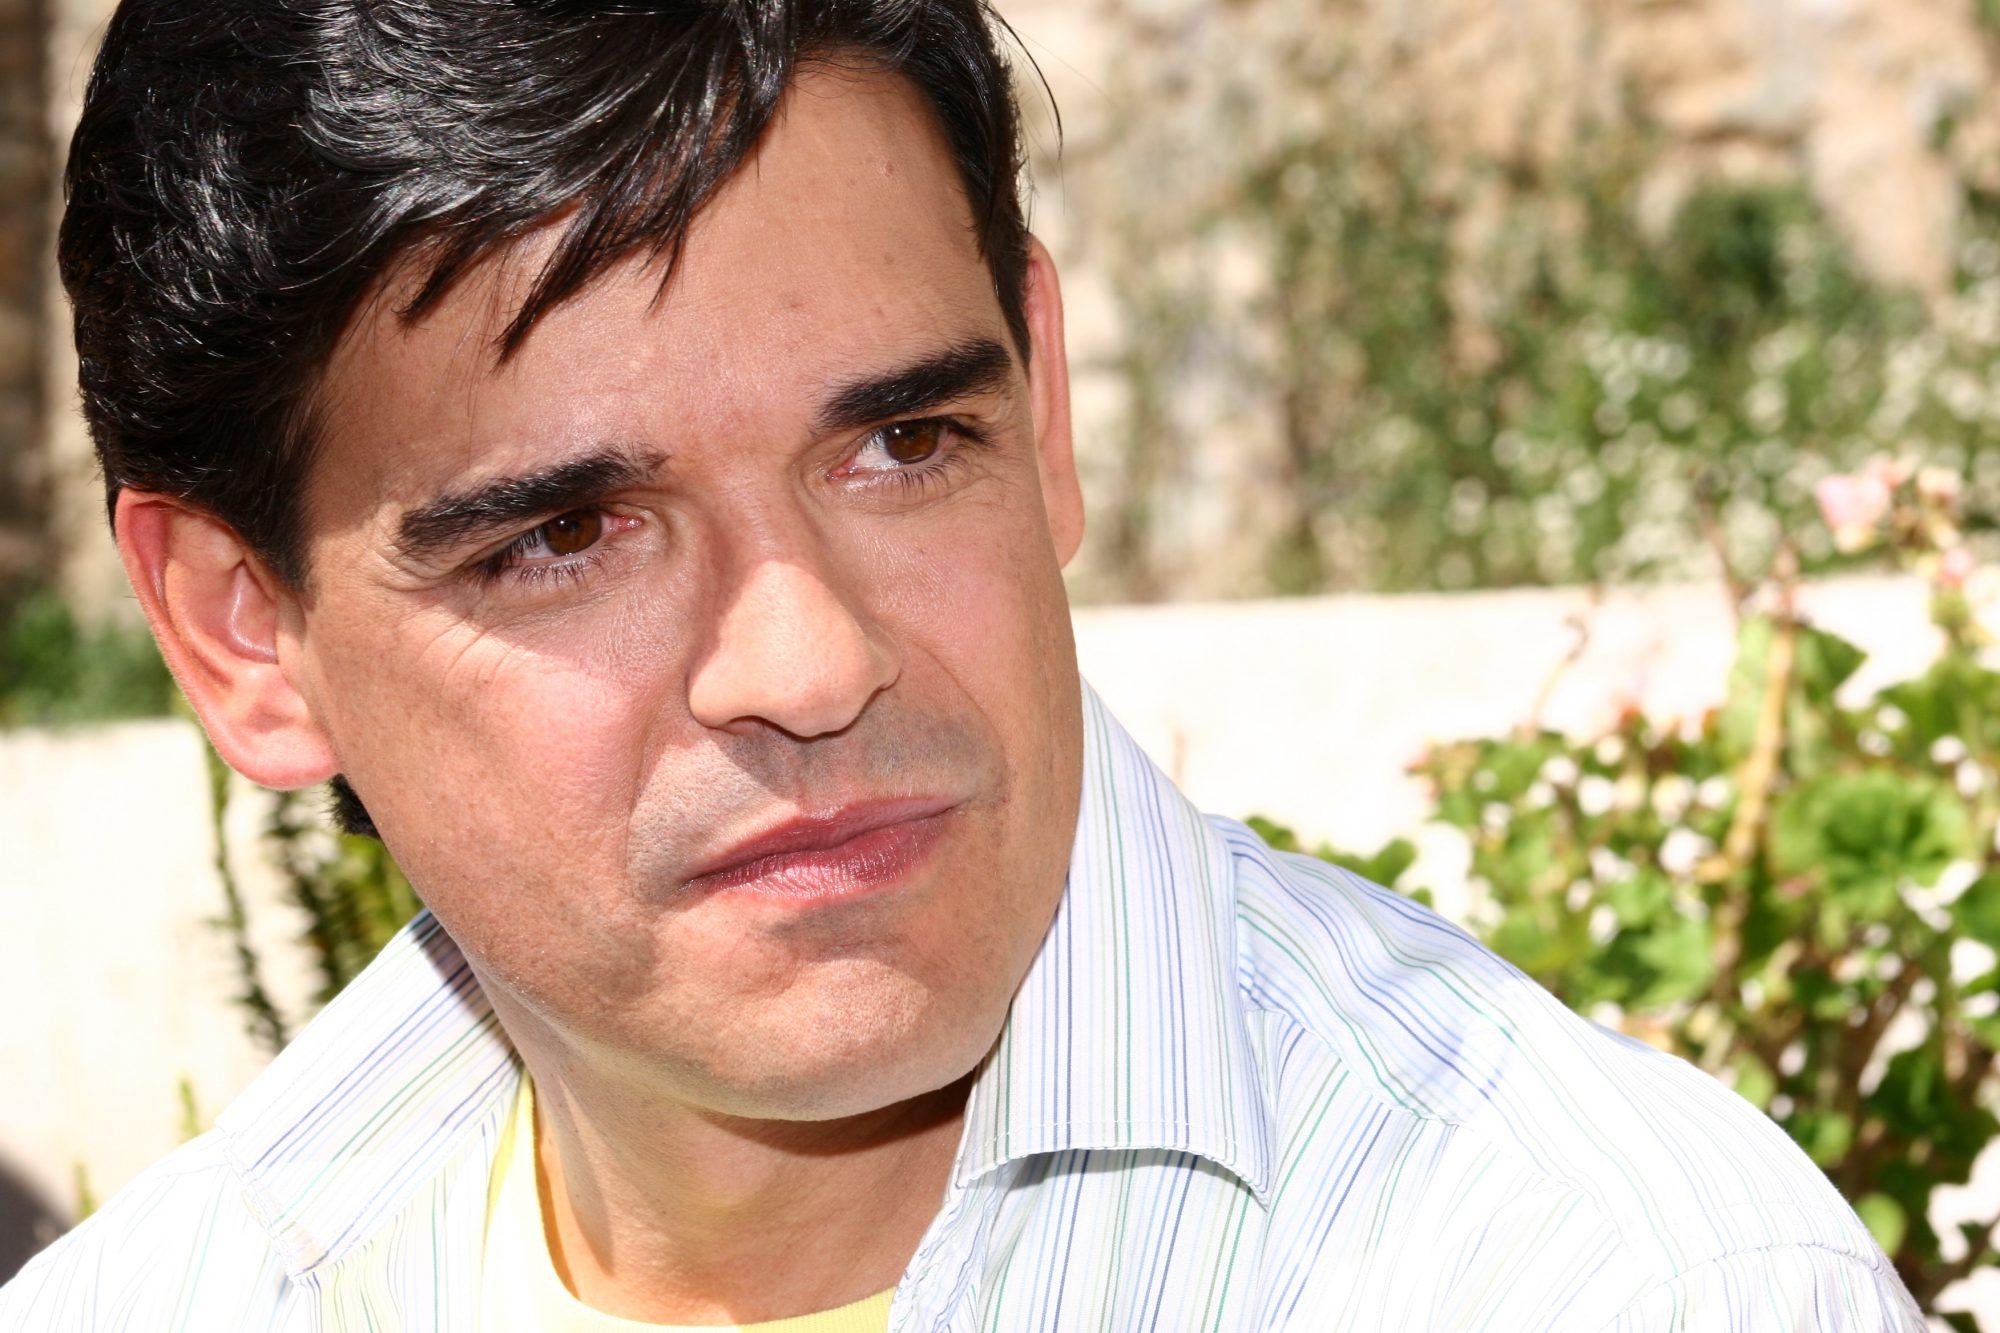 José Ángel Llamas